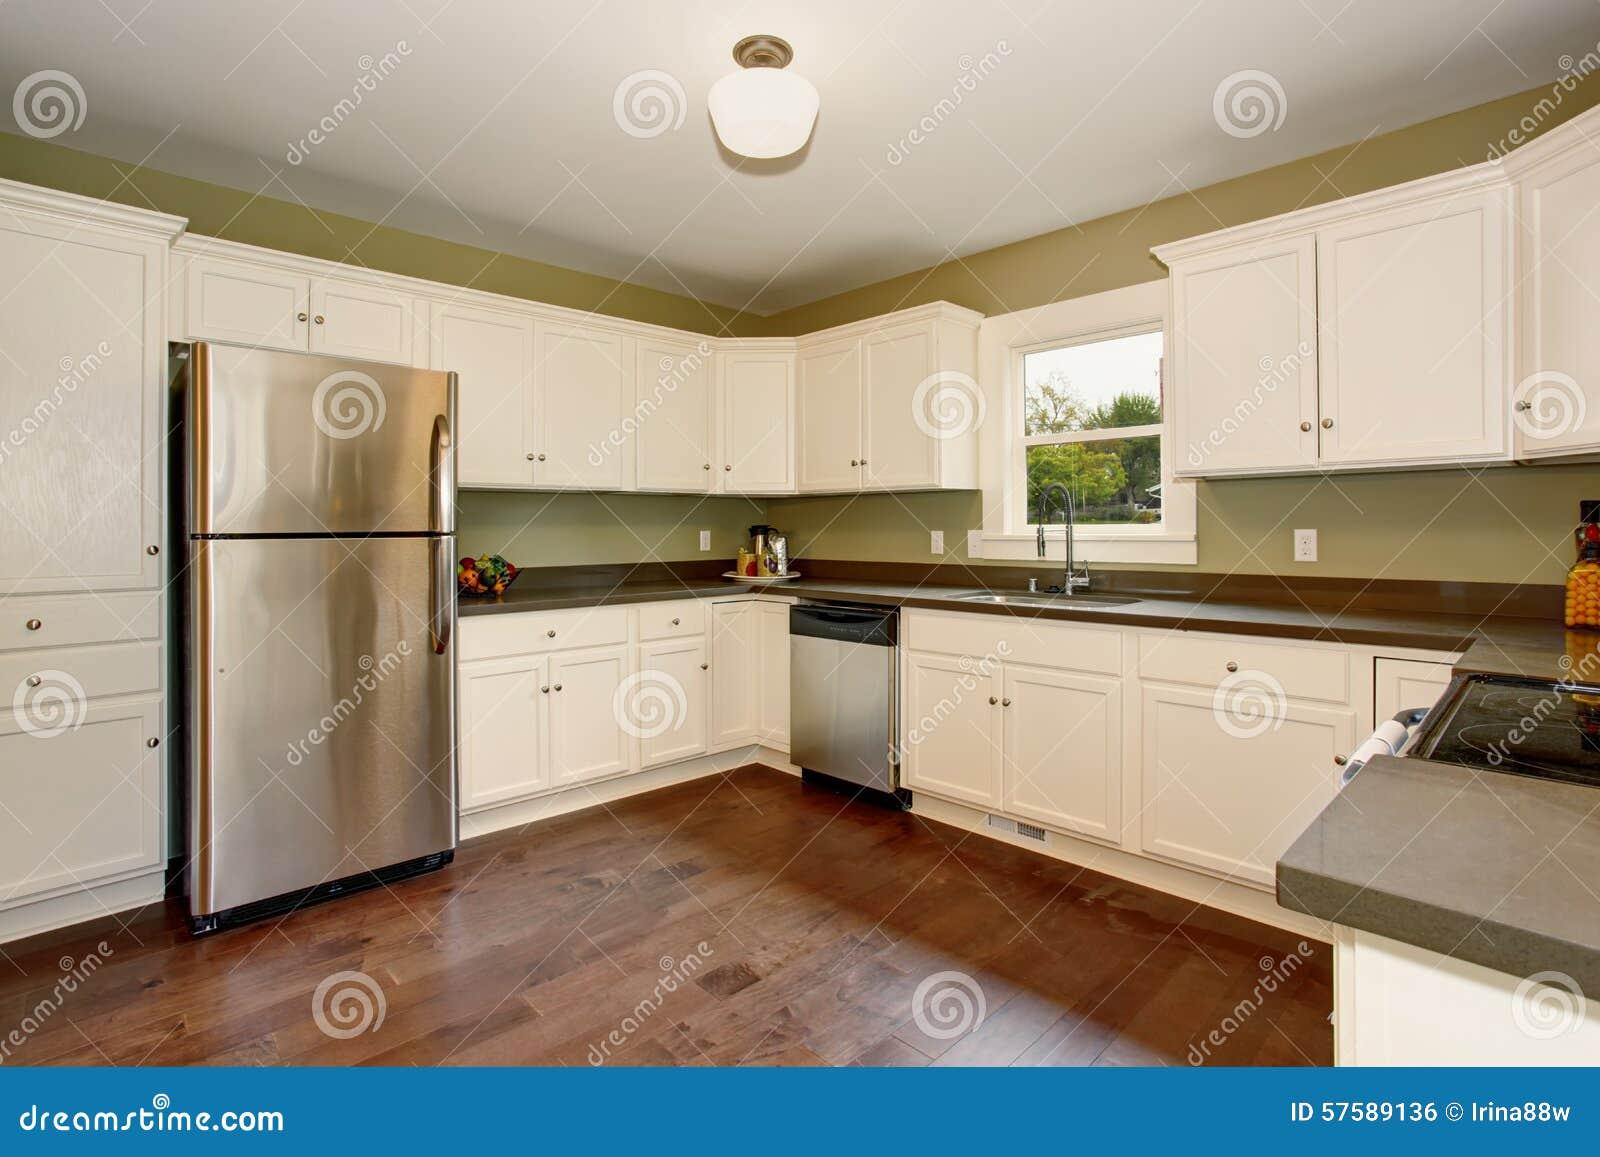 Groene Keuken Gordijnen : Klassieke Keuken Met Groene Binnenlandse Verf, En Witte